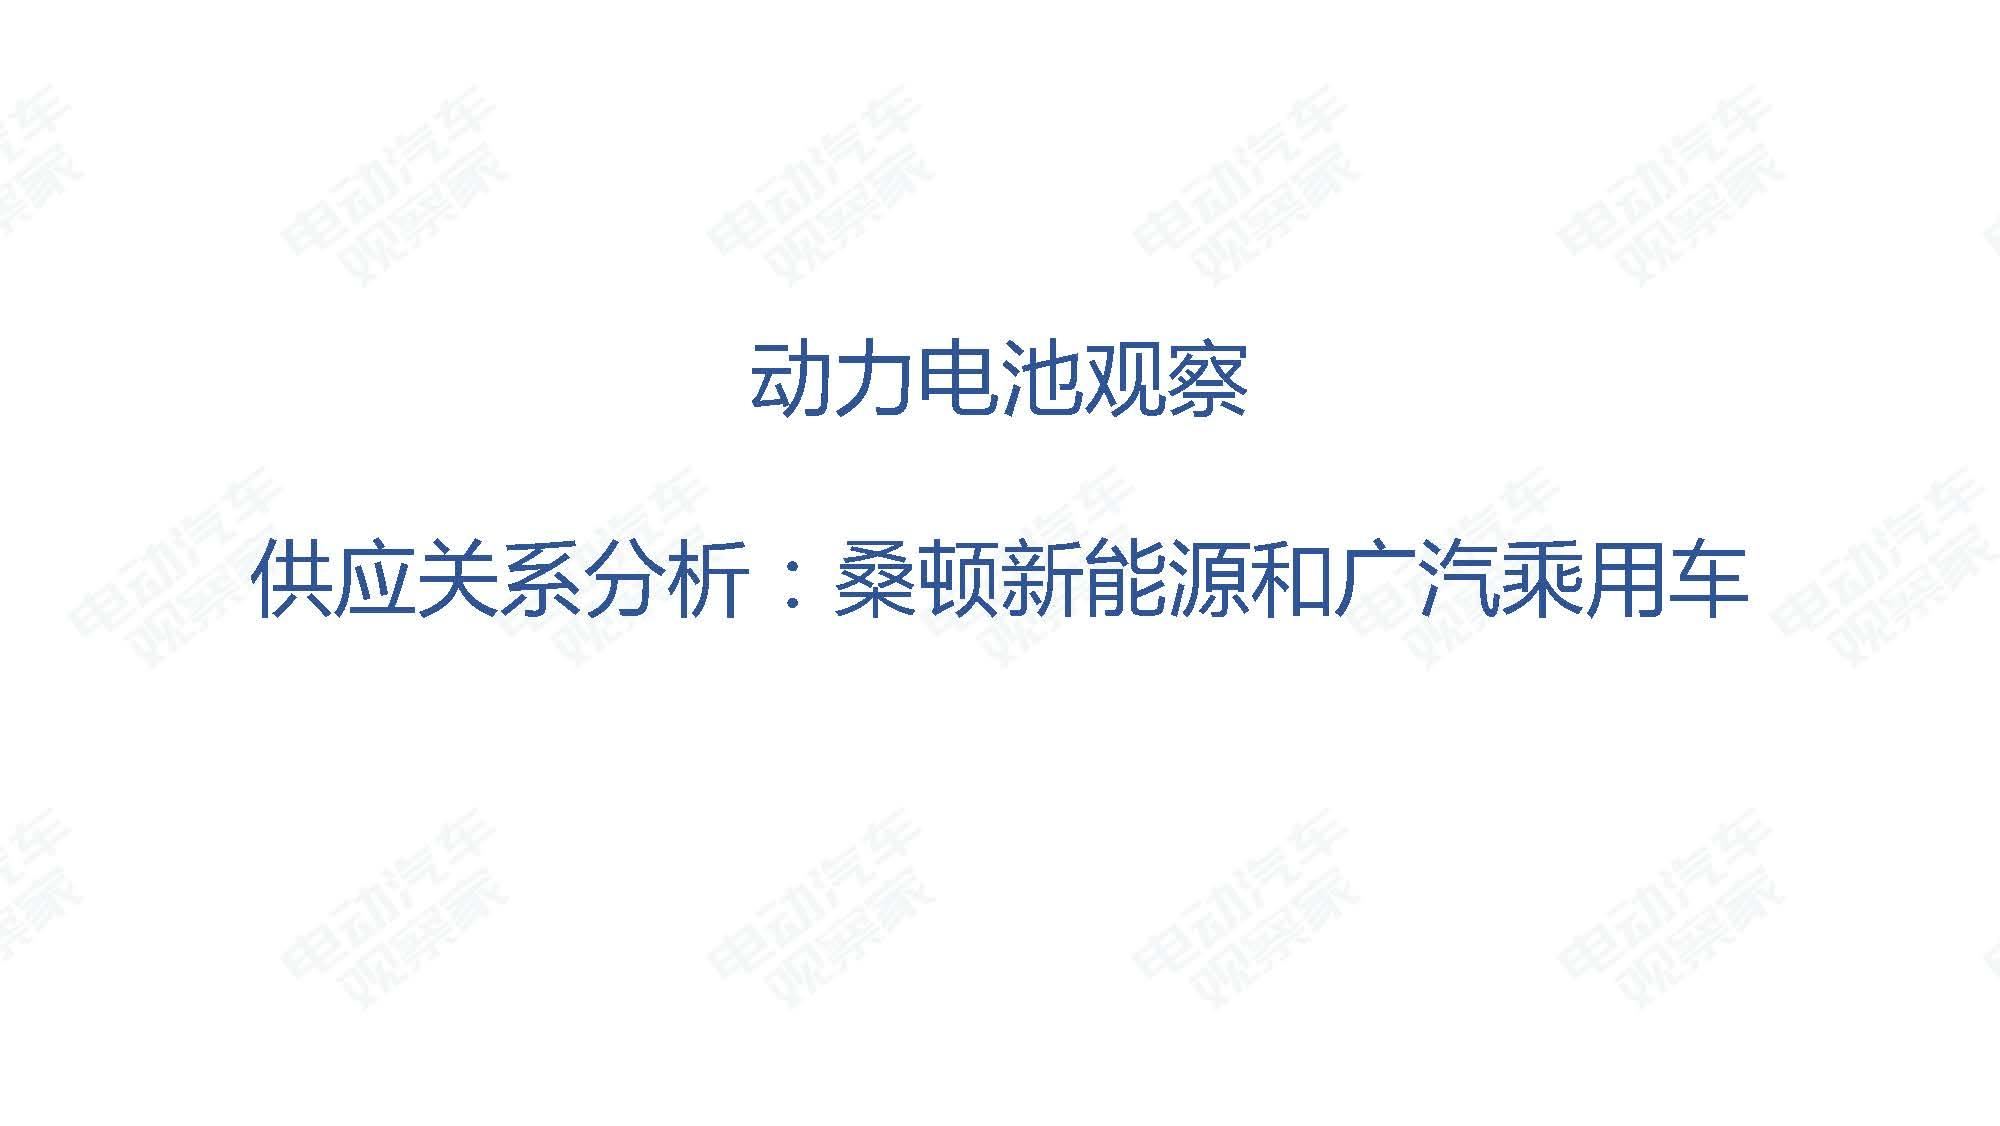 2019年11月中国新能源汽车产业观察_页面_100